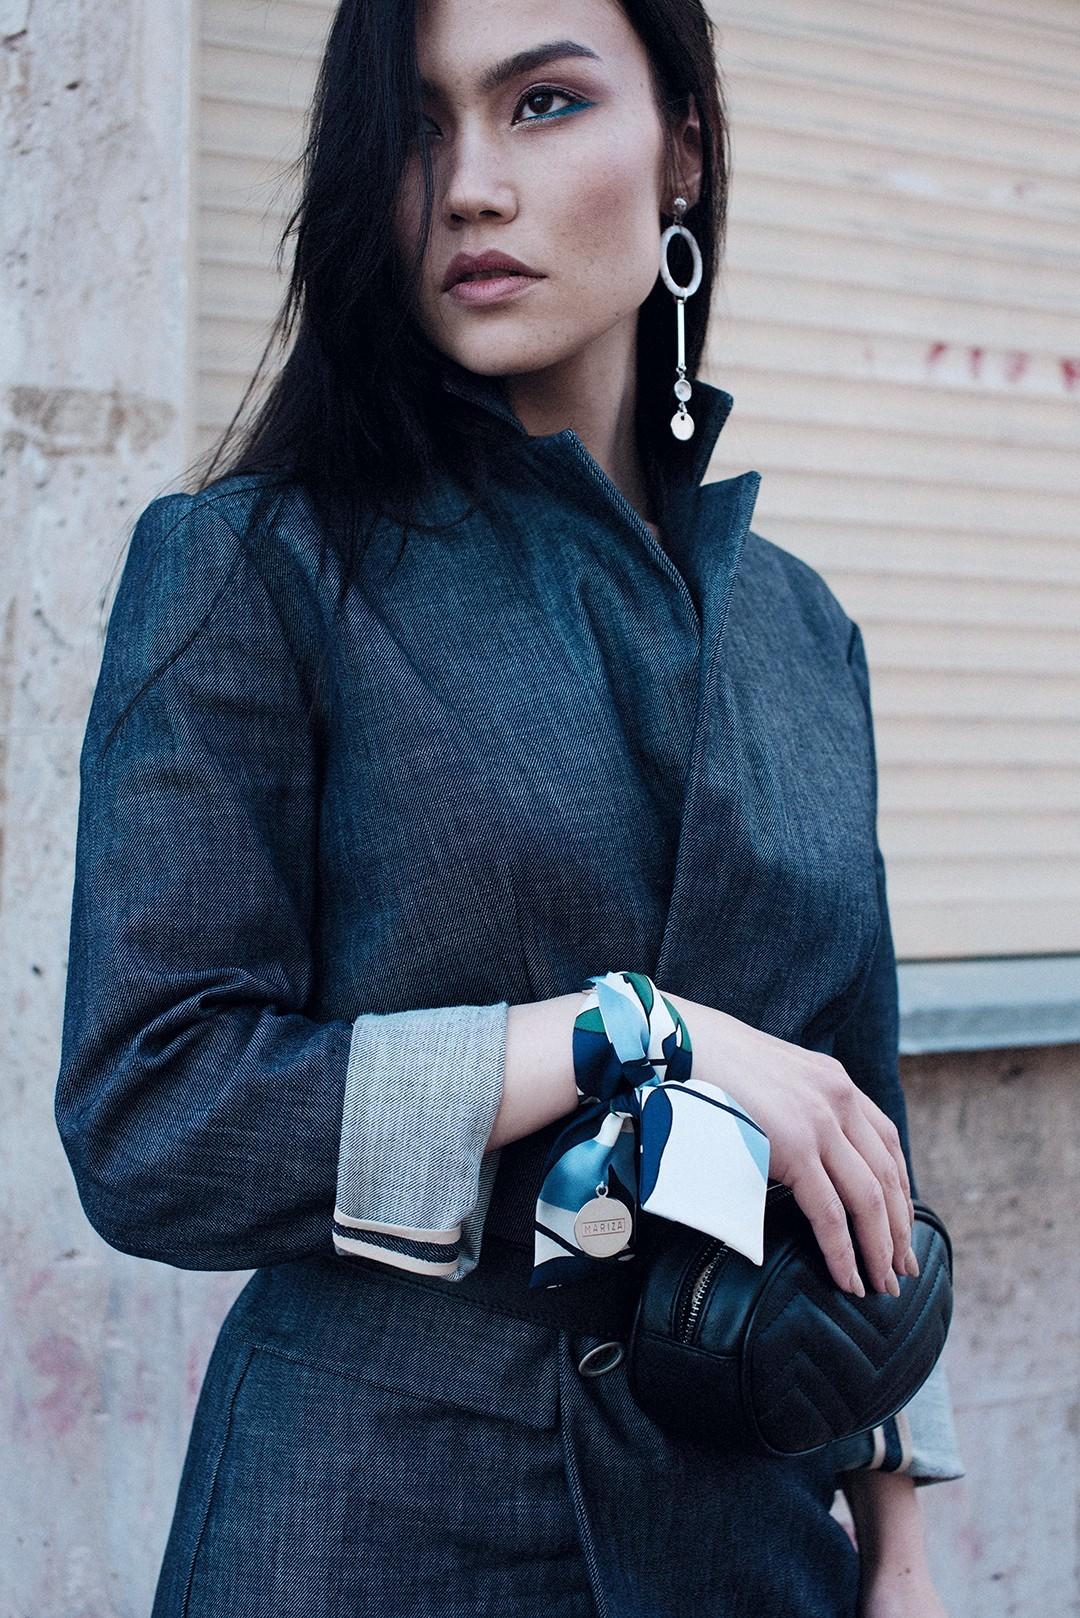 Бижутерия мариза, дизайнерская одежда российских дизайнеров